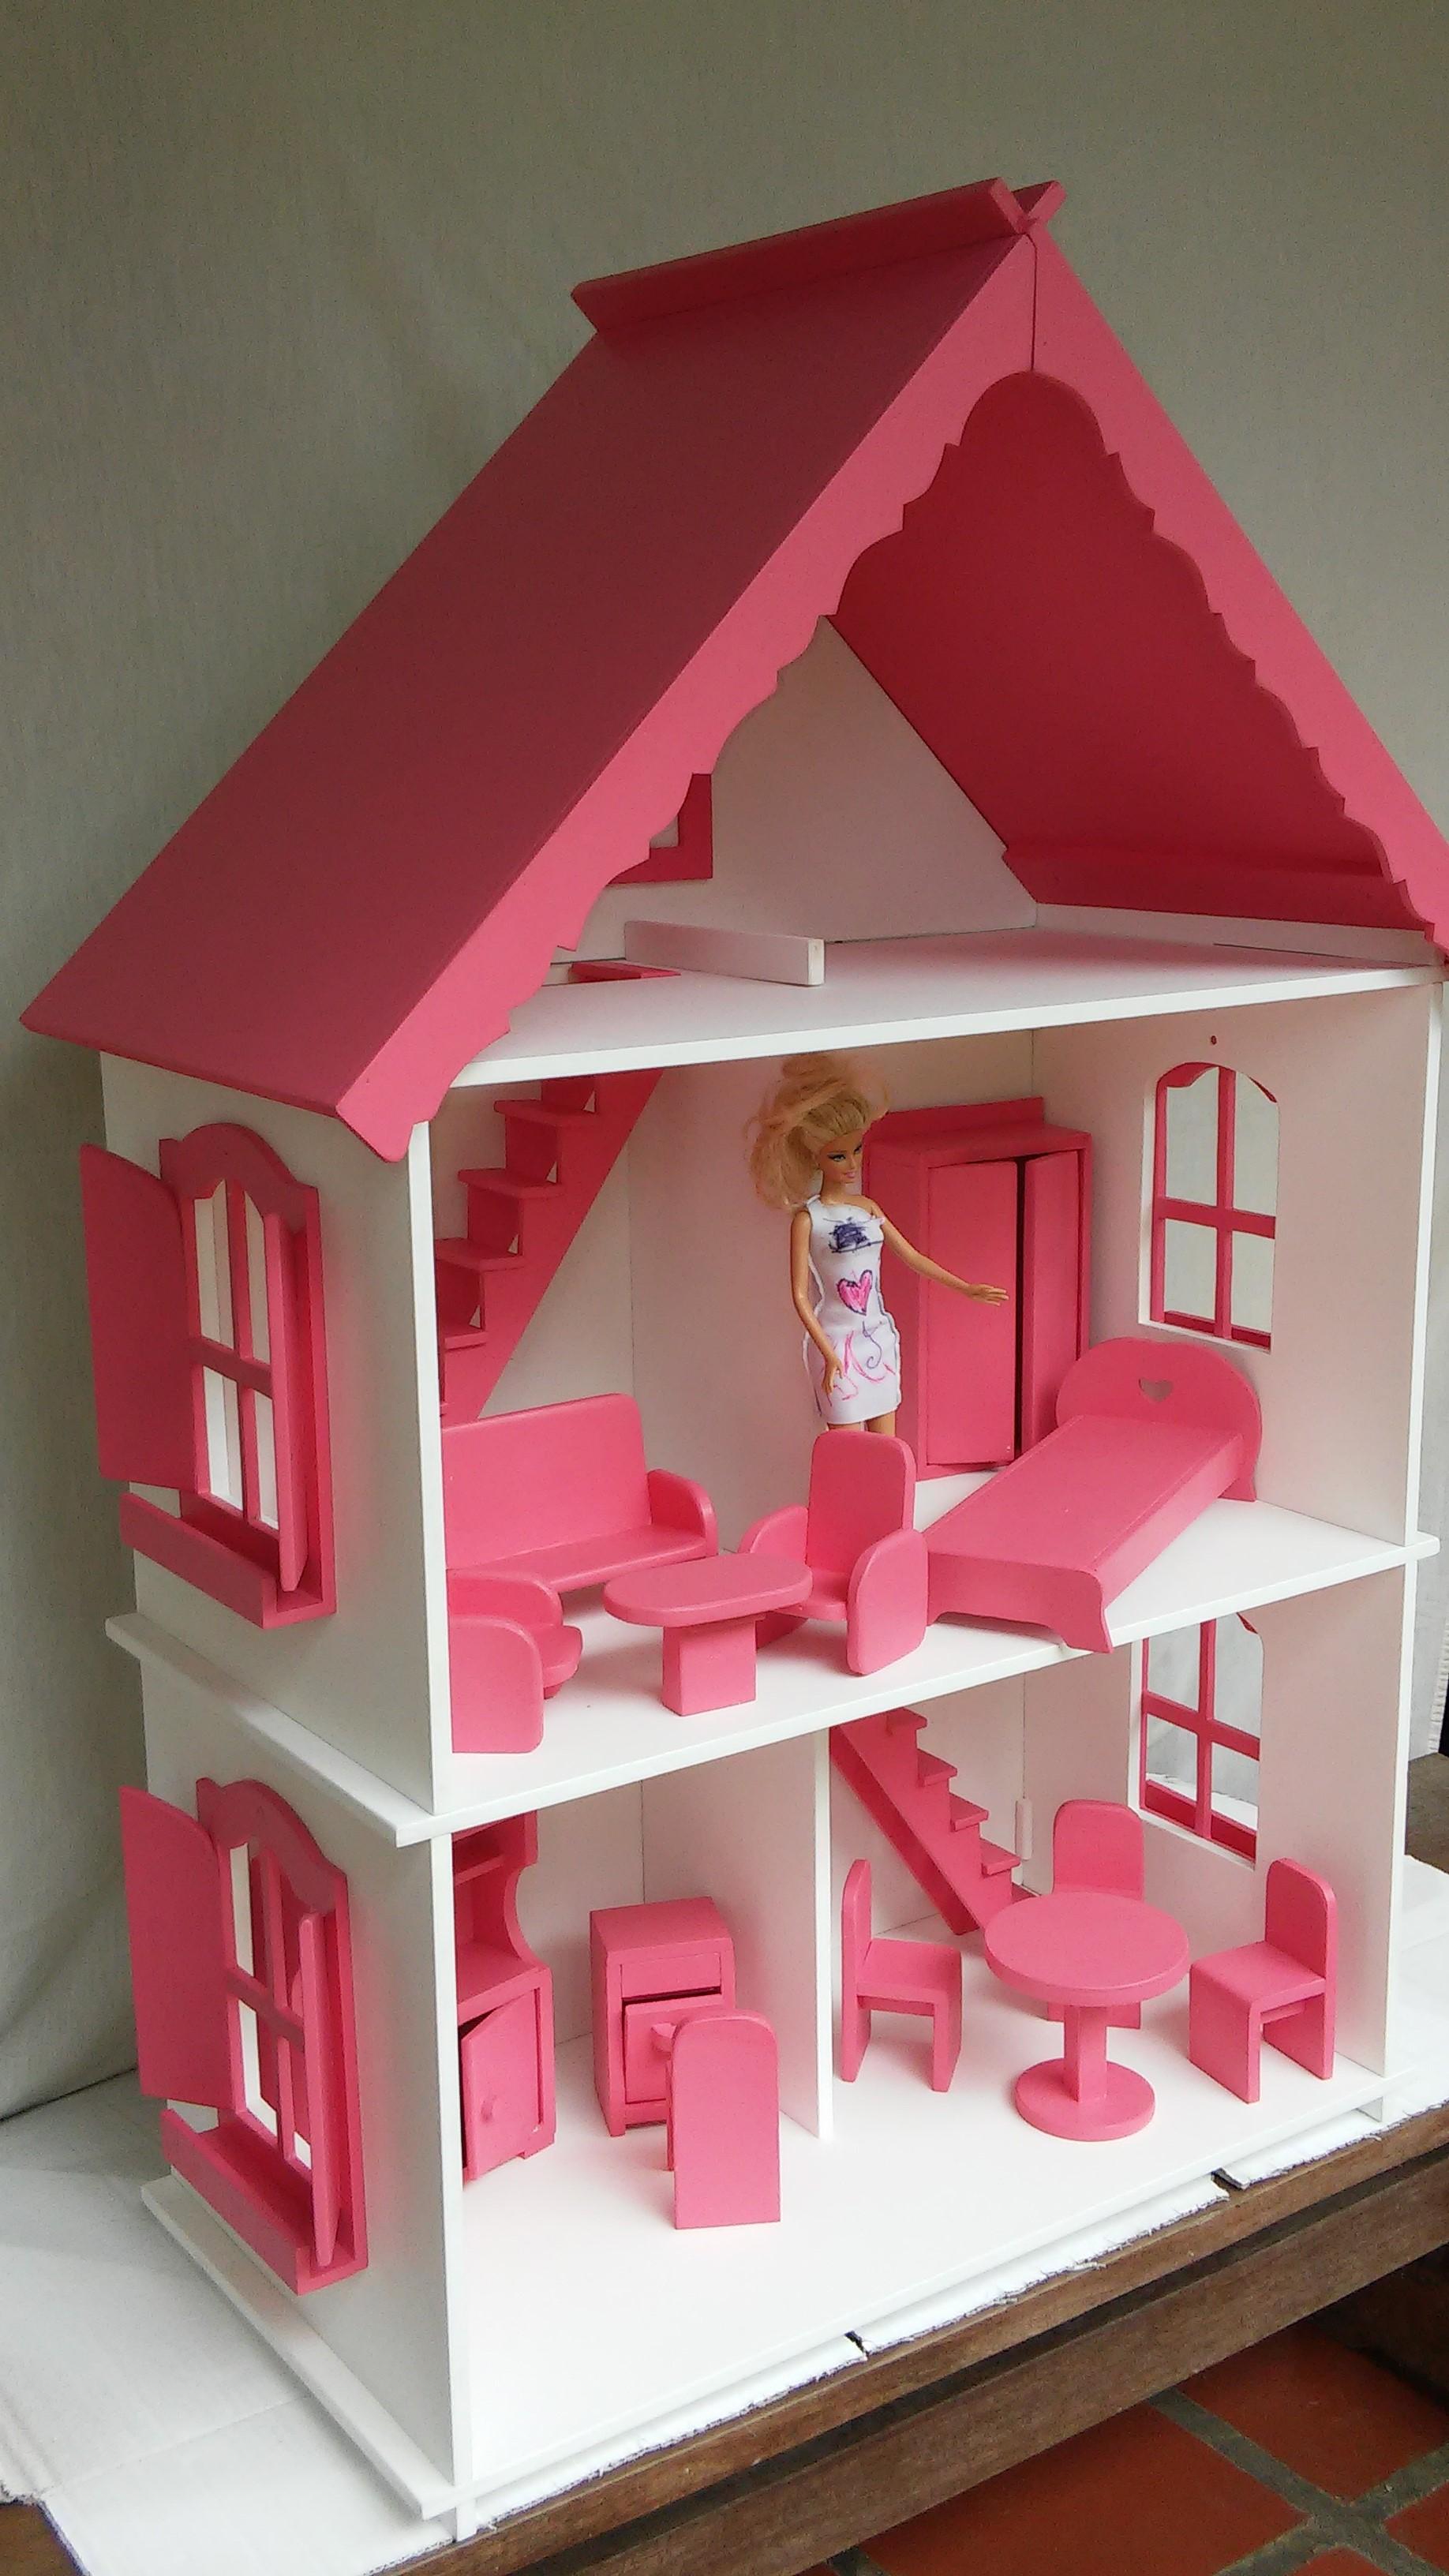 de boneca para barbie casa para barbie casa de boneca para barbie #9D2E3E 1836x3264 Banheiro Da Barbie Para Comprar